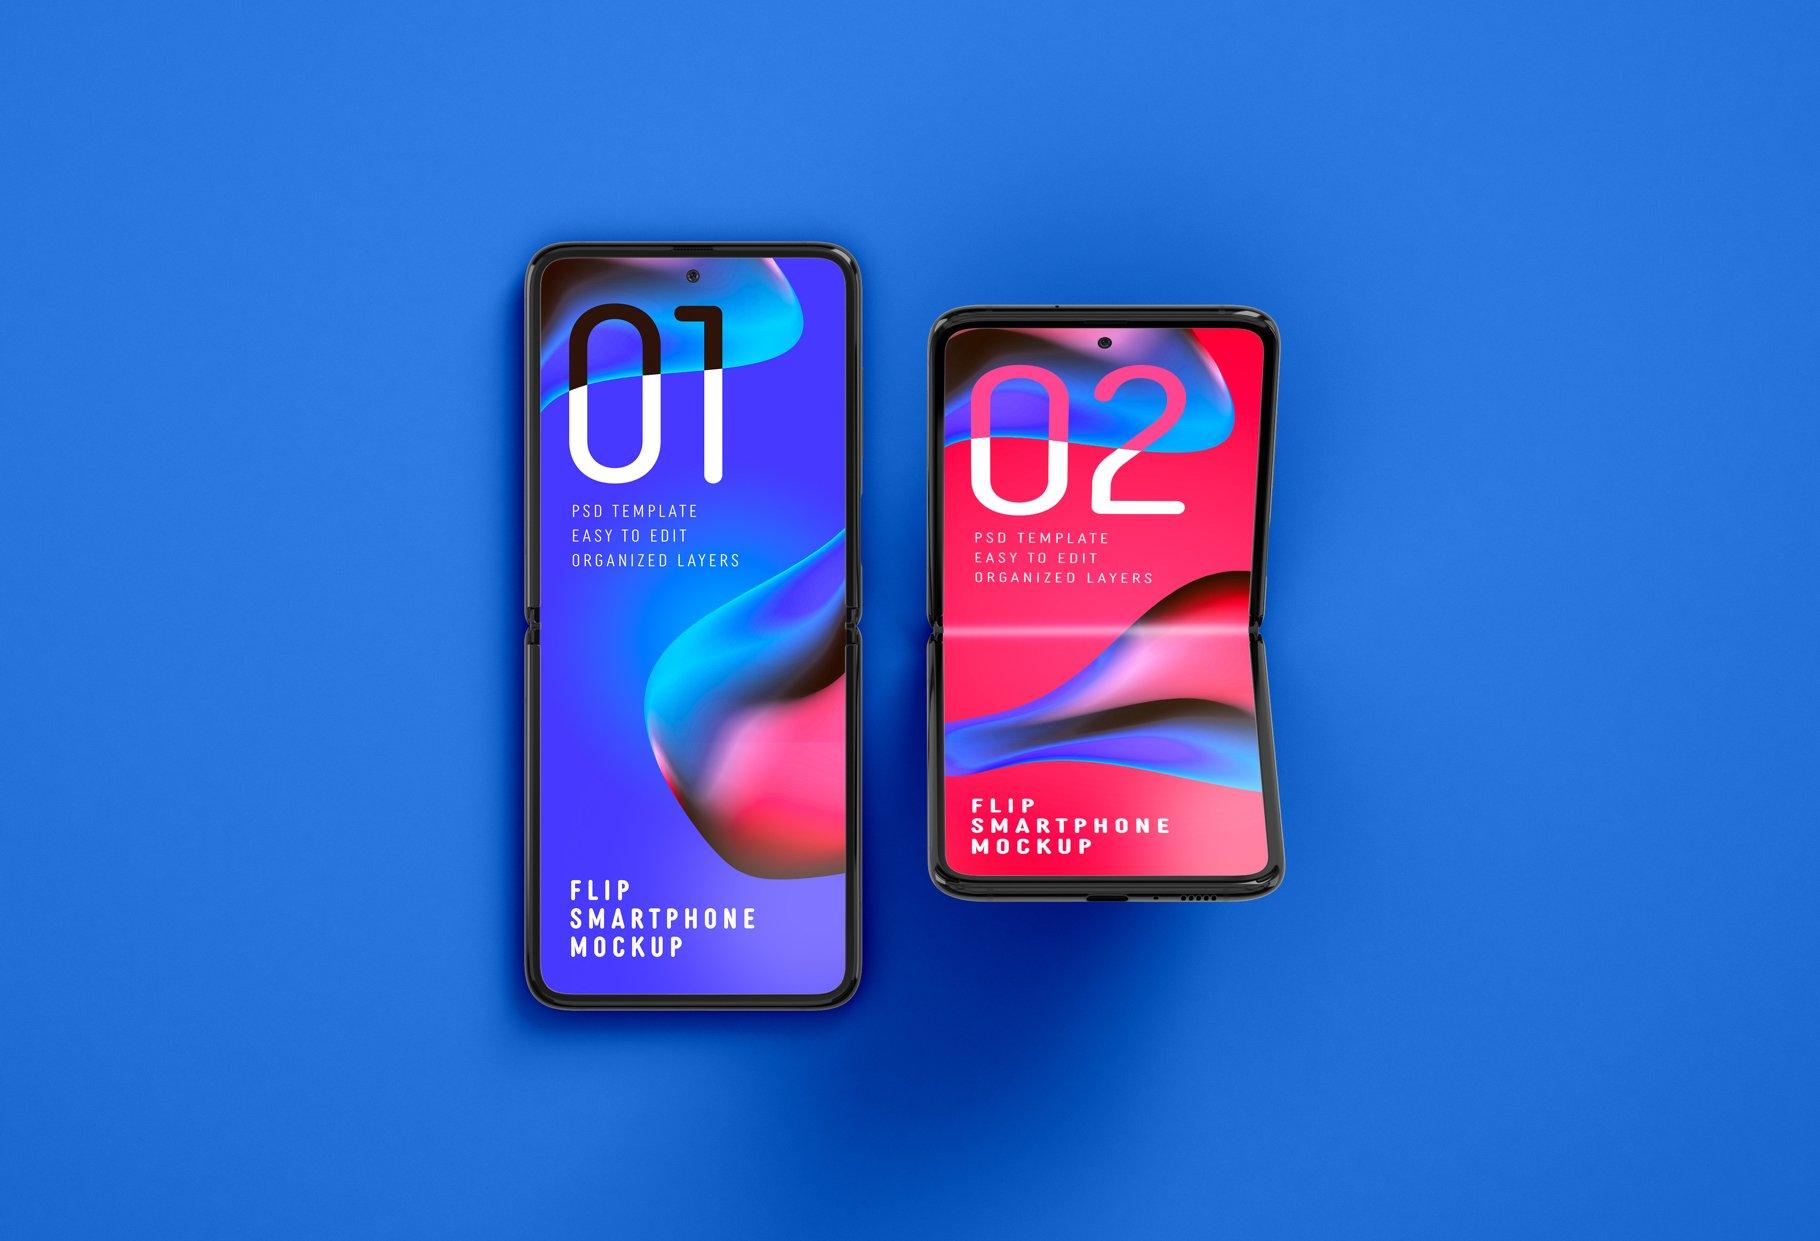 11款APP应用设计三星Galaxy Z手机屏幕演示样机模板 Galaxy Z Flip Mockup | Folding Phone插图(2)